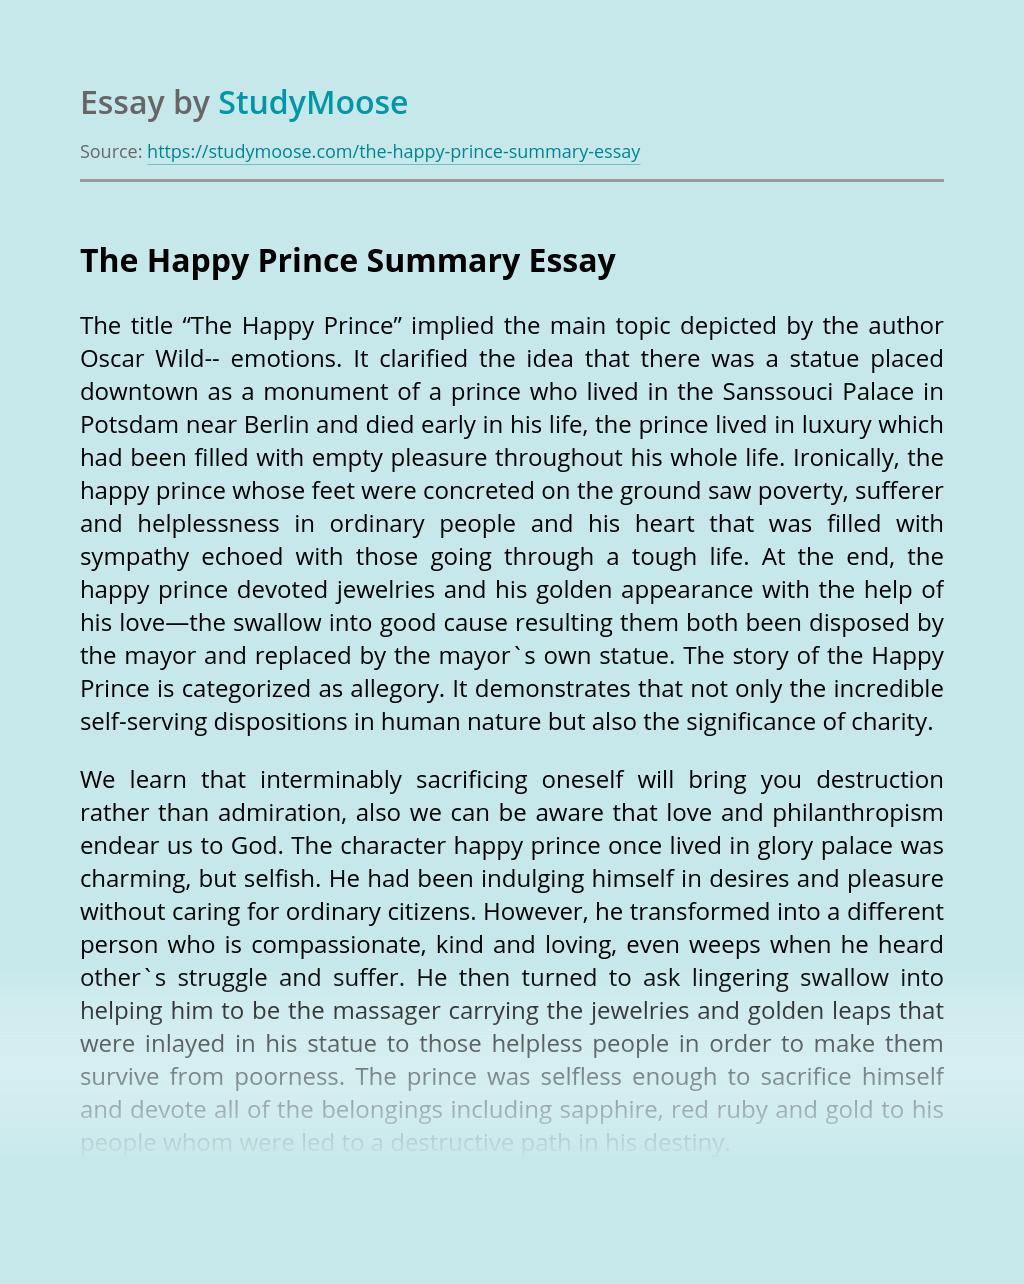 The Happy Prince Summary